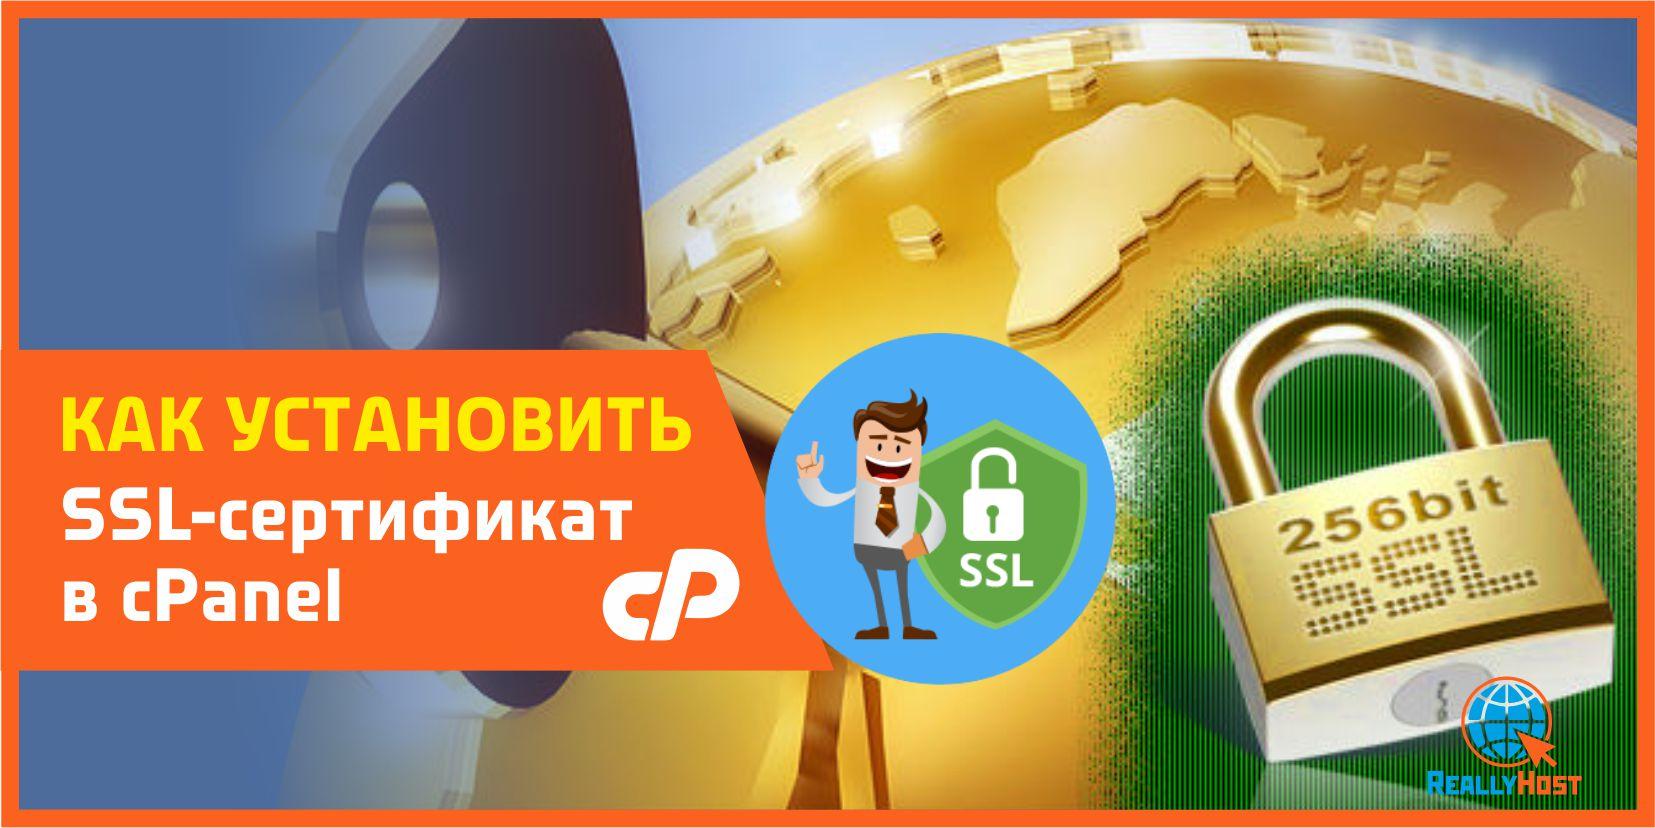 Как установить SSL-сертификат в cPanel